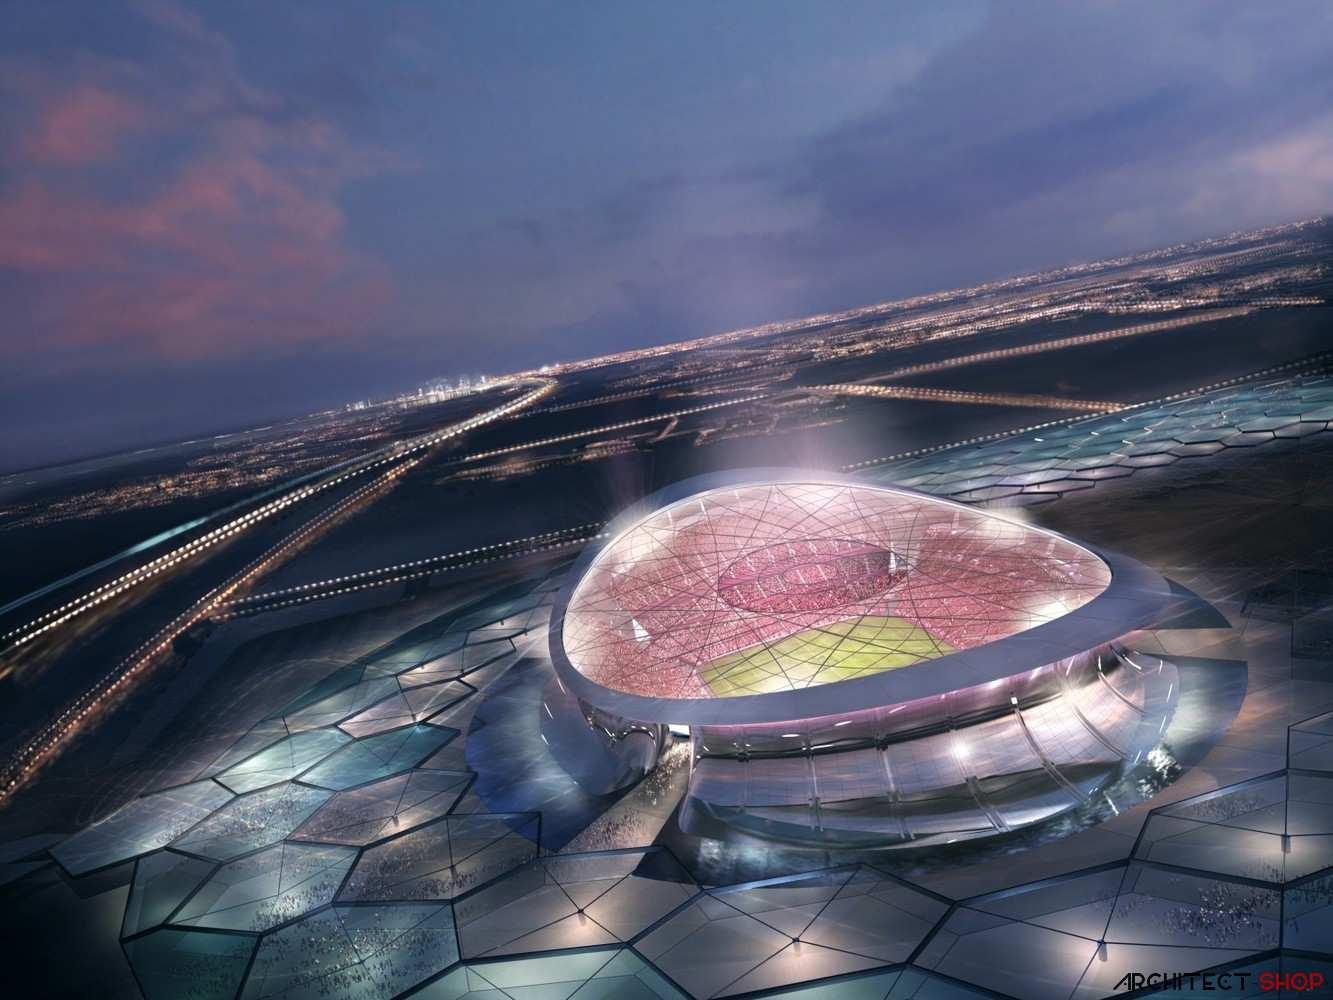 تکامل ورزشگاه: چگونه جام جهانی بر طراحی سالن های ورزشی تأثیر گذاشته است - Stadium Future 10